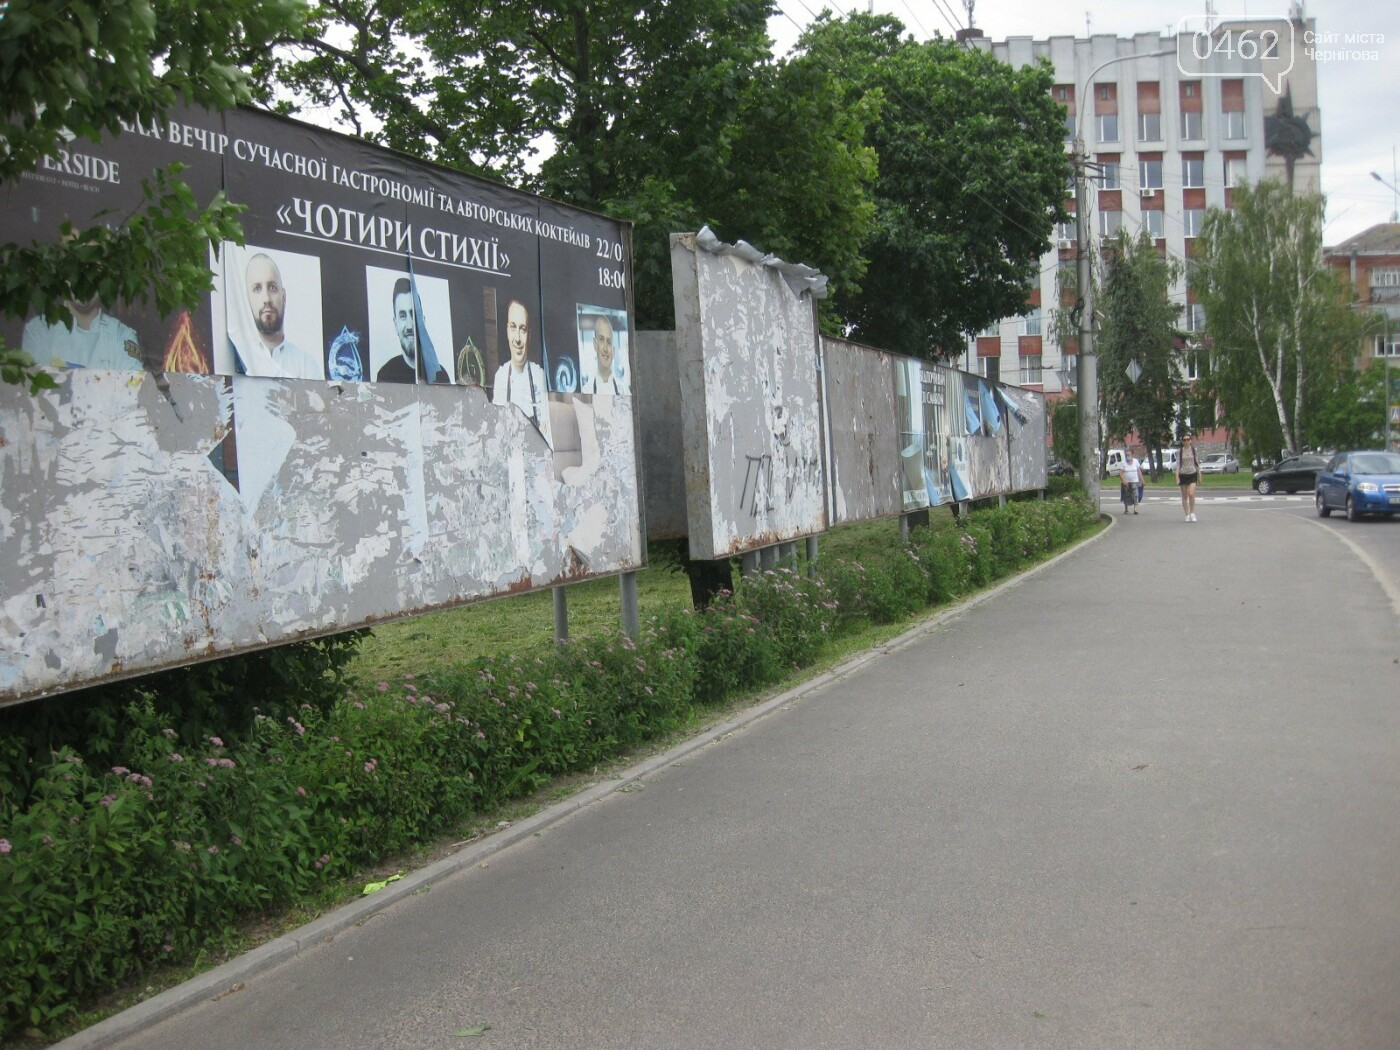 Рекламні вандали Чернігова: чому в місті занедбані білборди, фото-1